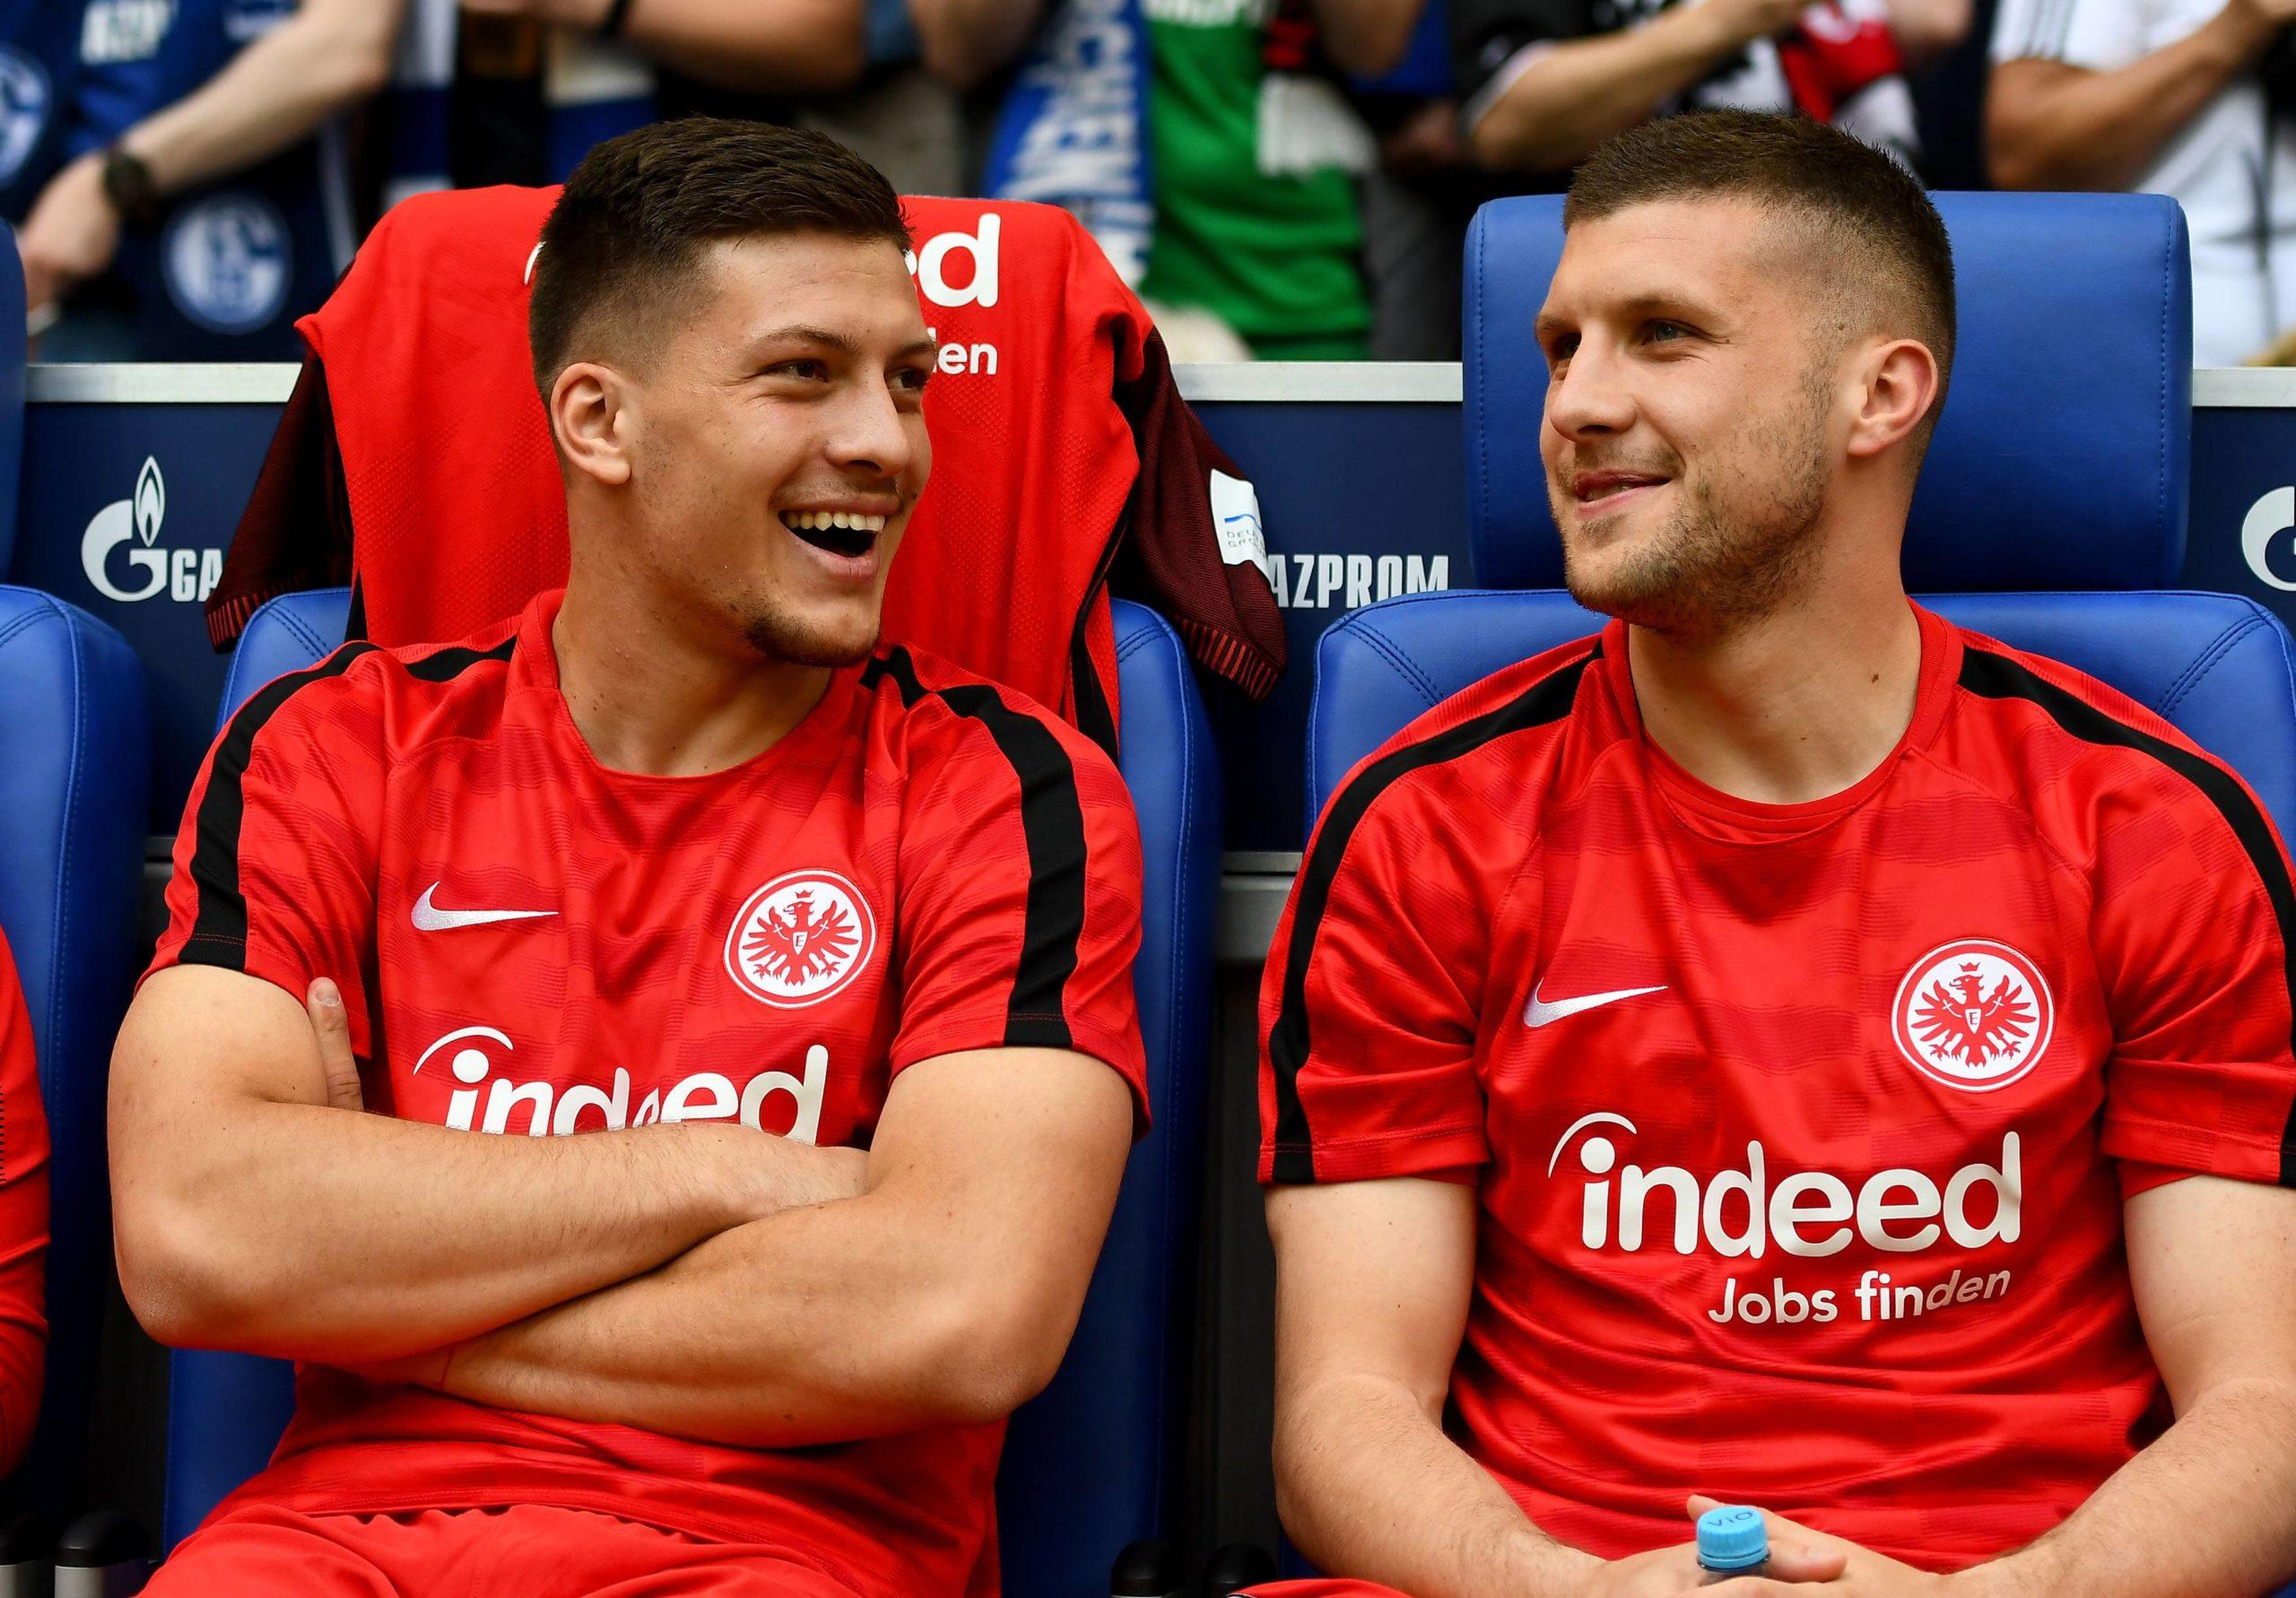 Lukas Jovic und Ante Rebic